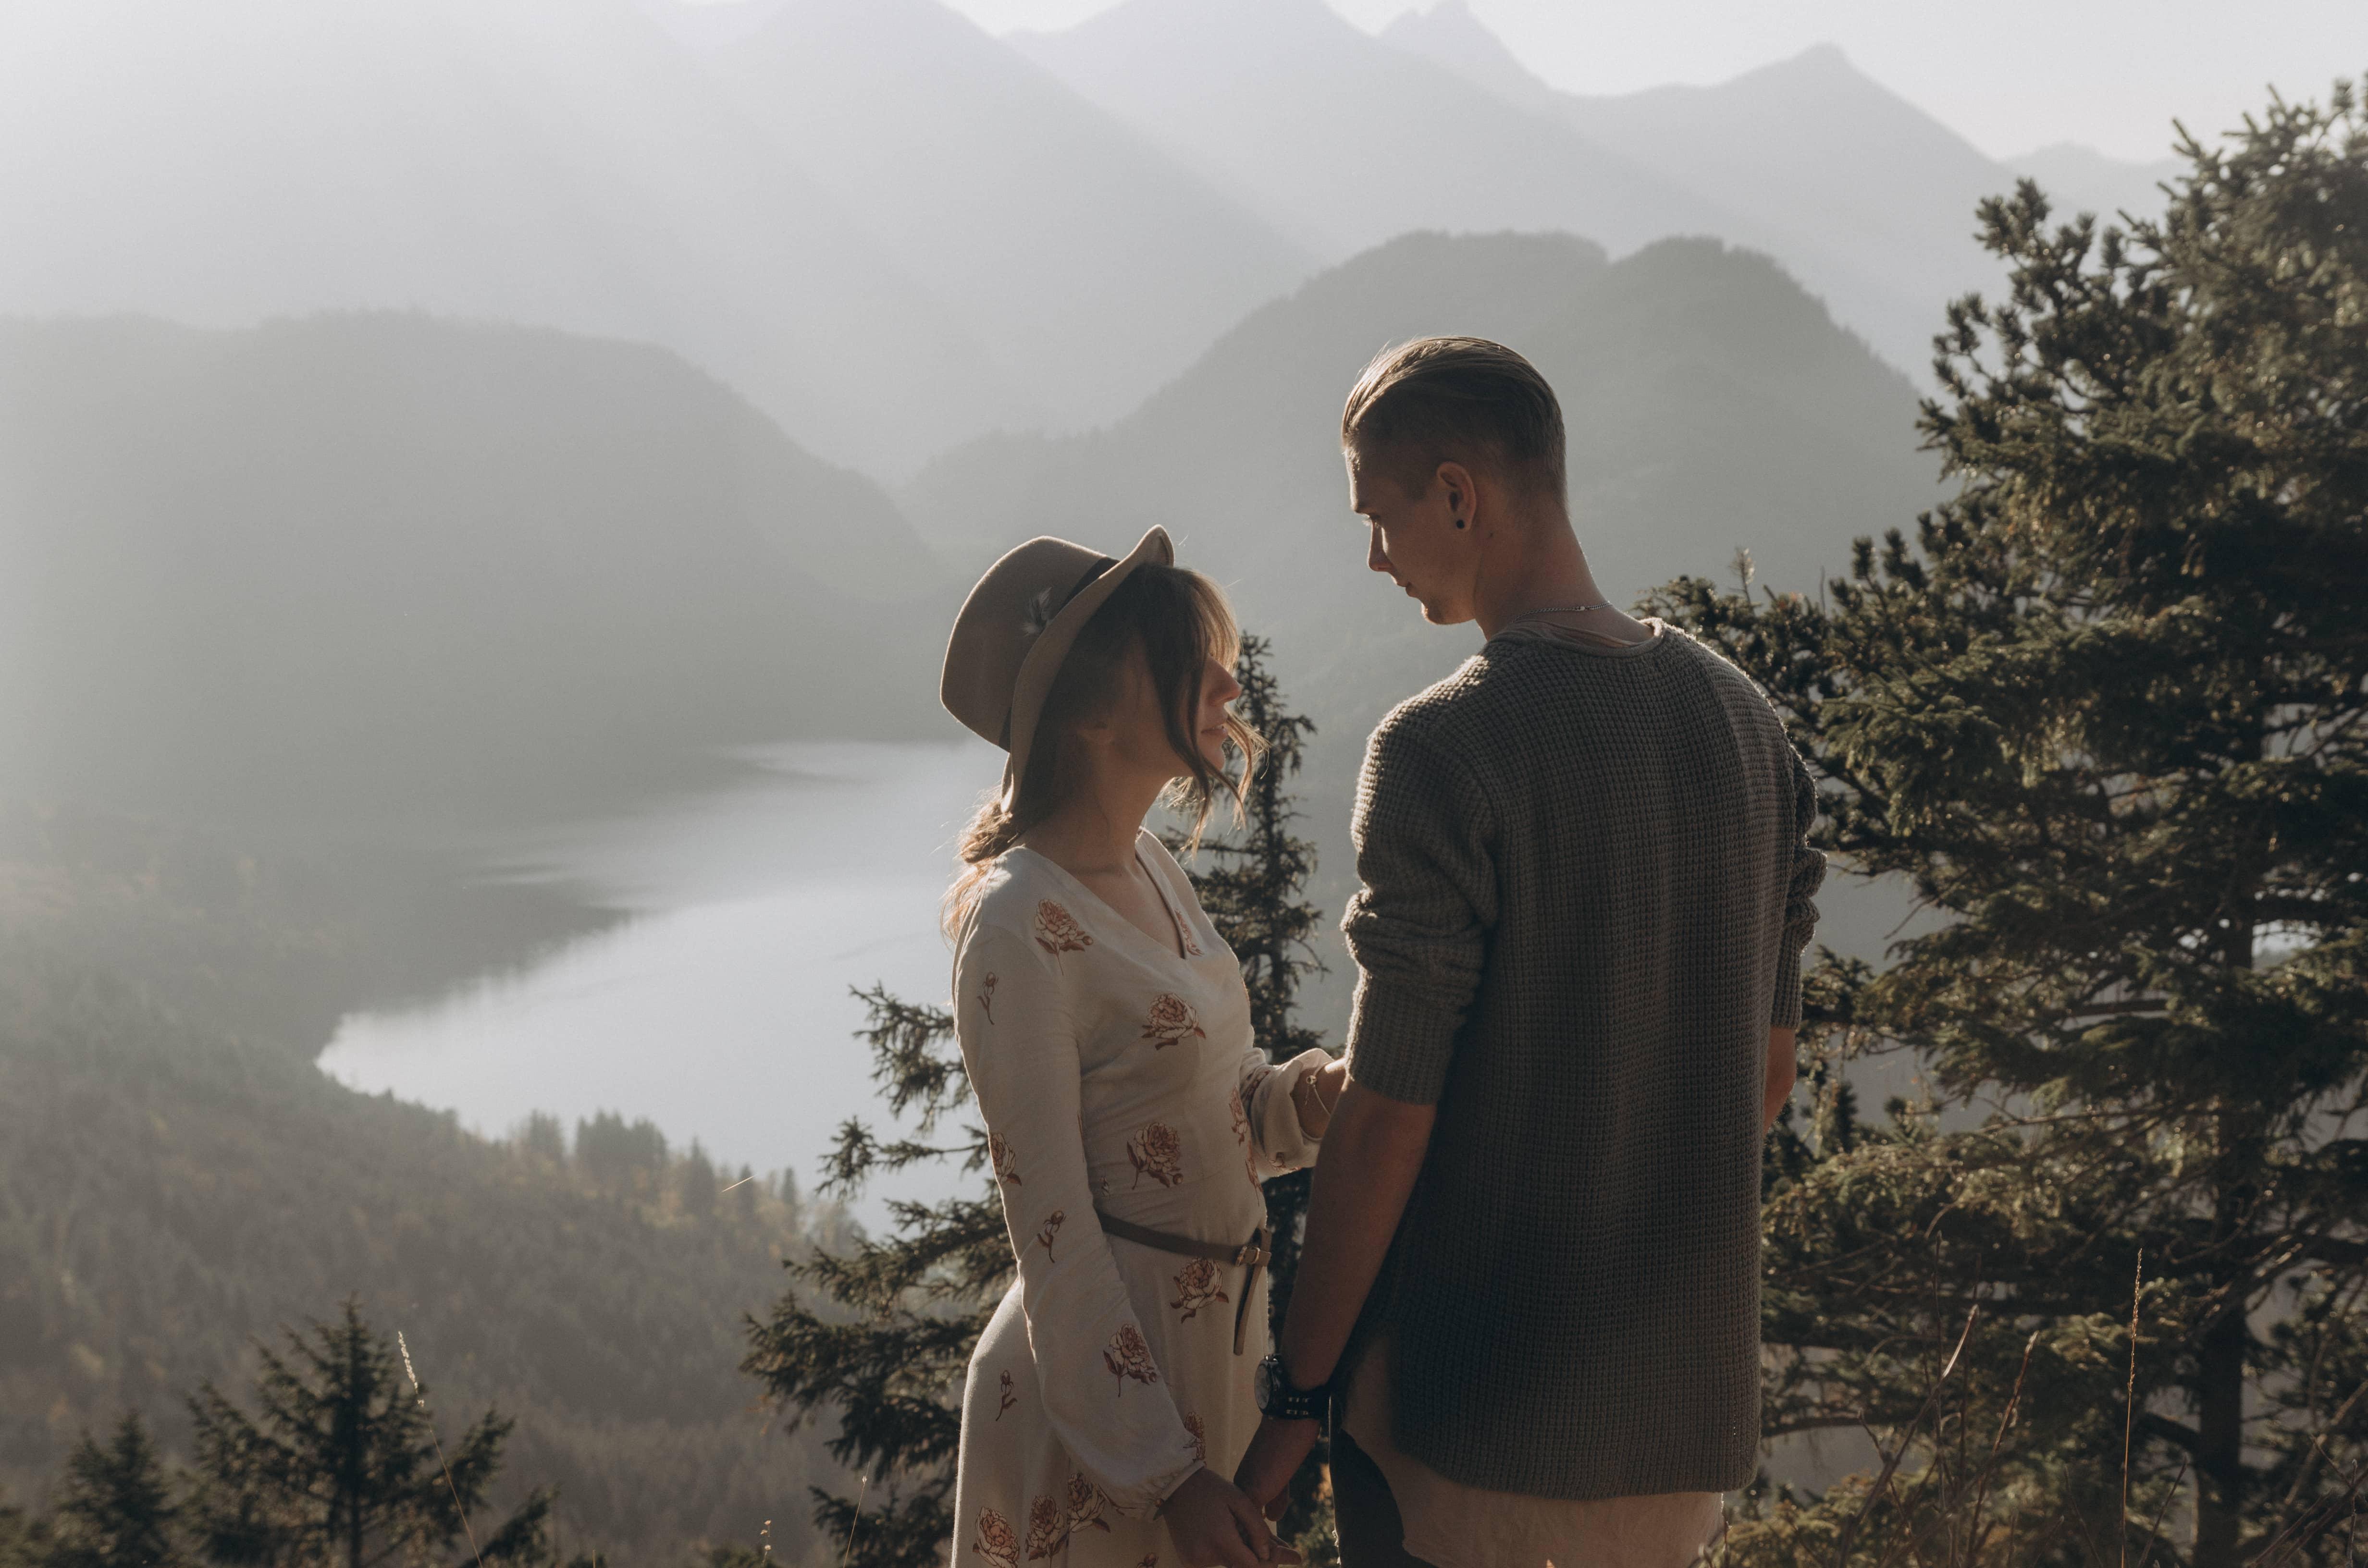 Mountaintop elopement